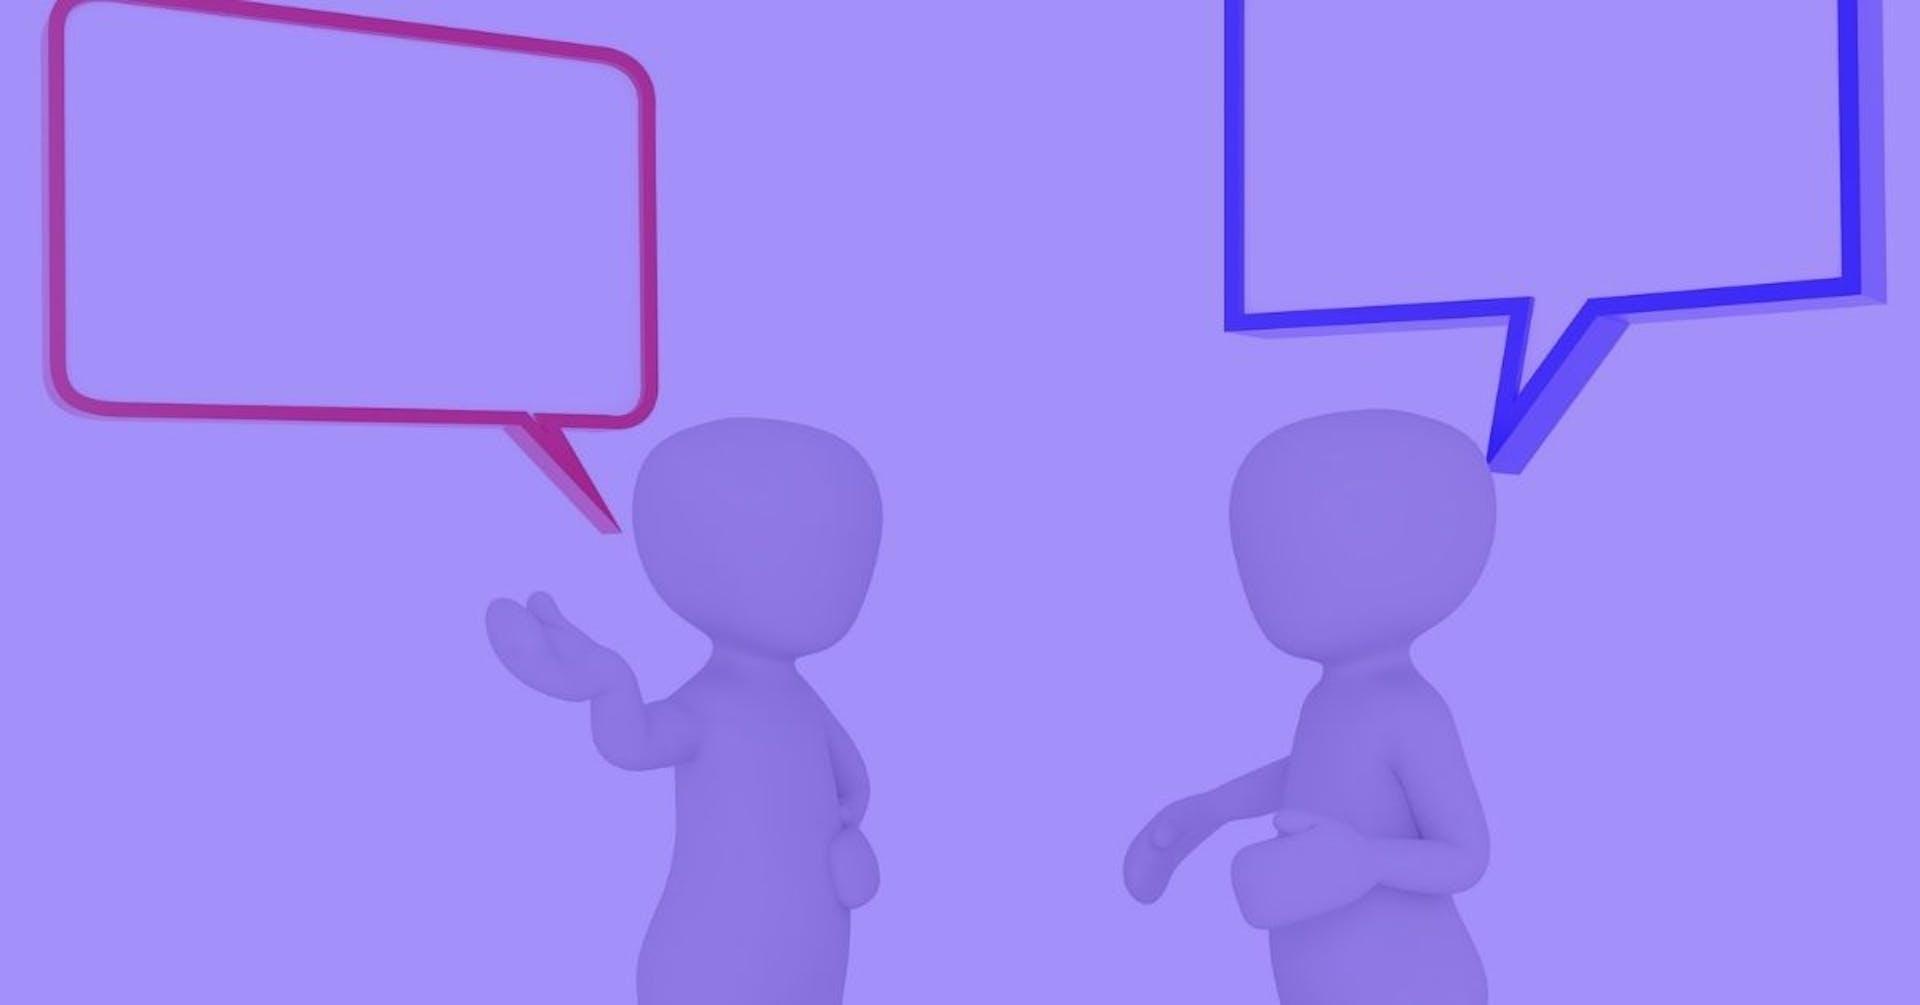 Temas de conversación en inglés: Luce seguro mientras dialogas con personas de habla inglesa